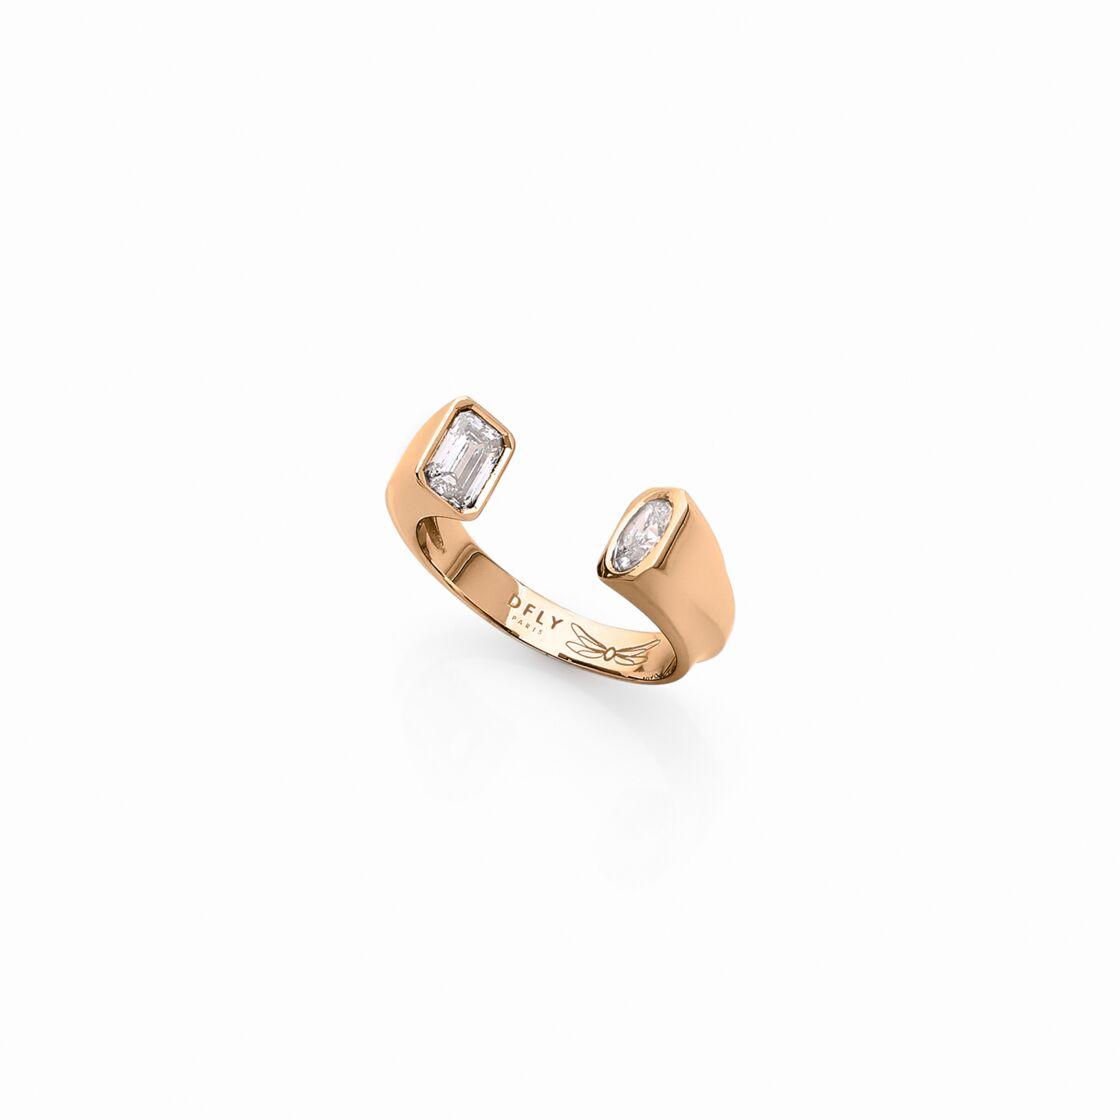 La jeune marque DFLY s'est lancée sur le marché du diamant synthétique, une vraie avancée technologique.